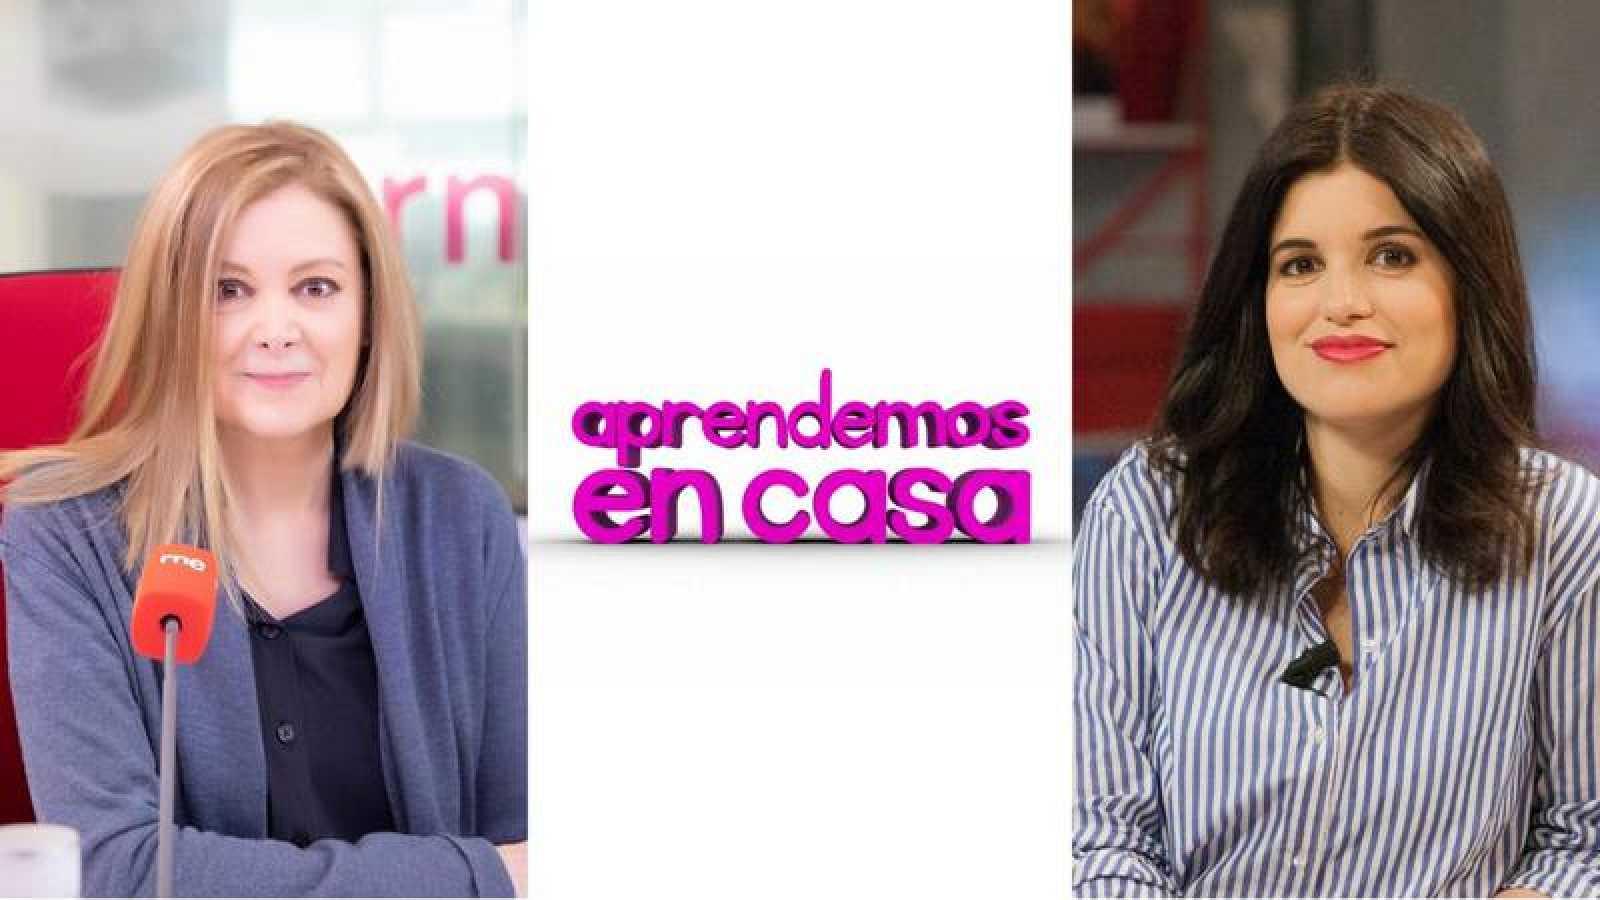 Pepa Fernández, 'Aprendemos en casa' y Cristina Hermoso de Mendoza